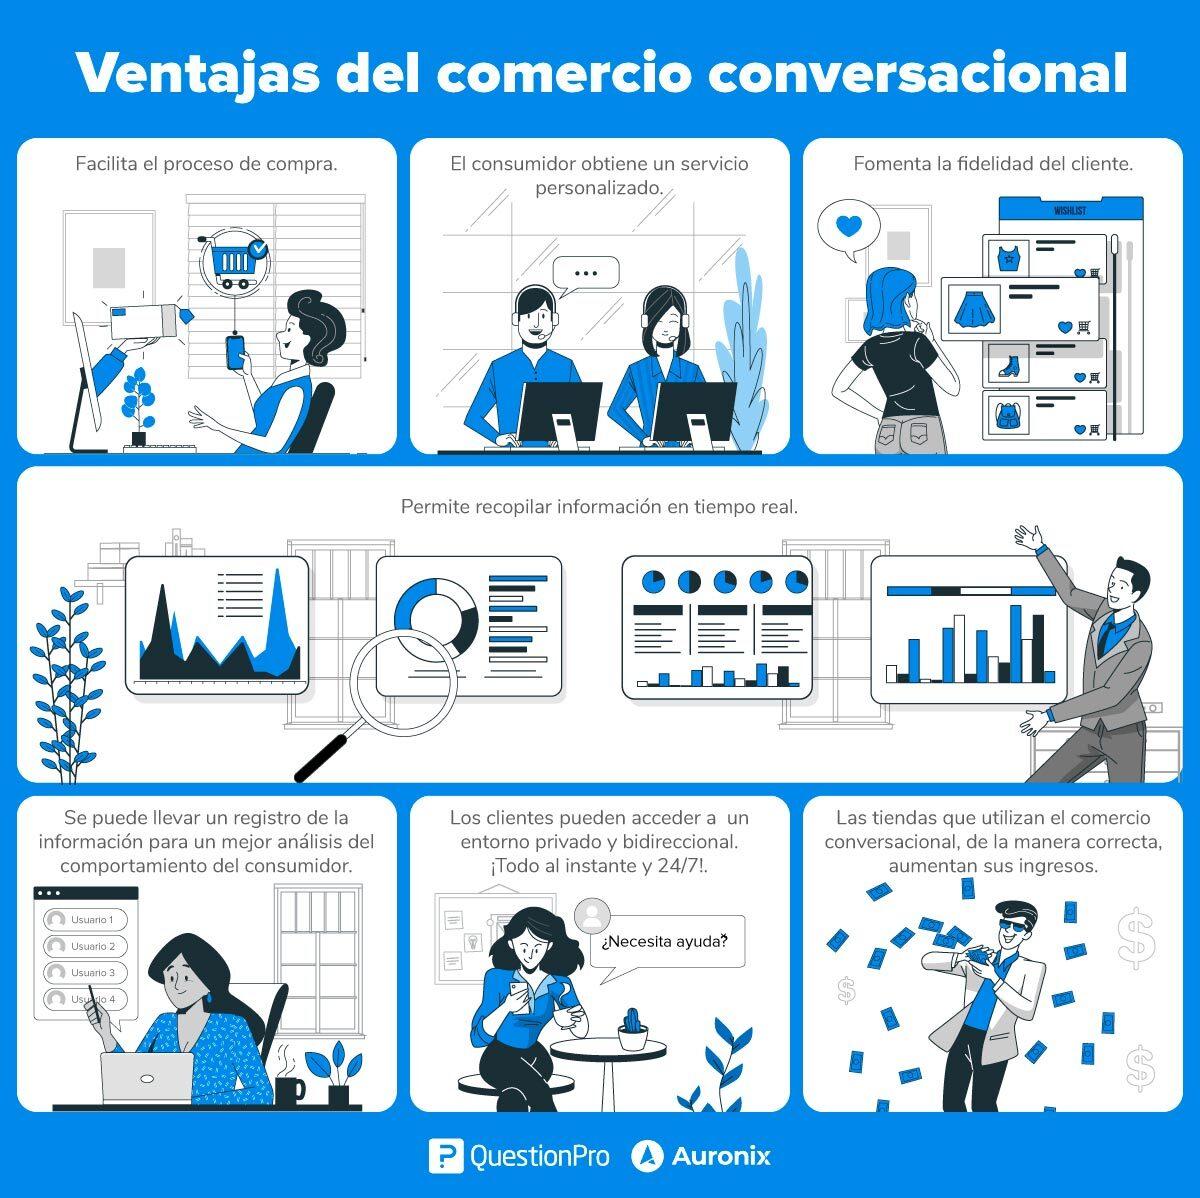 Ventajas-de-comercio-conversional (1)